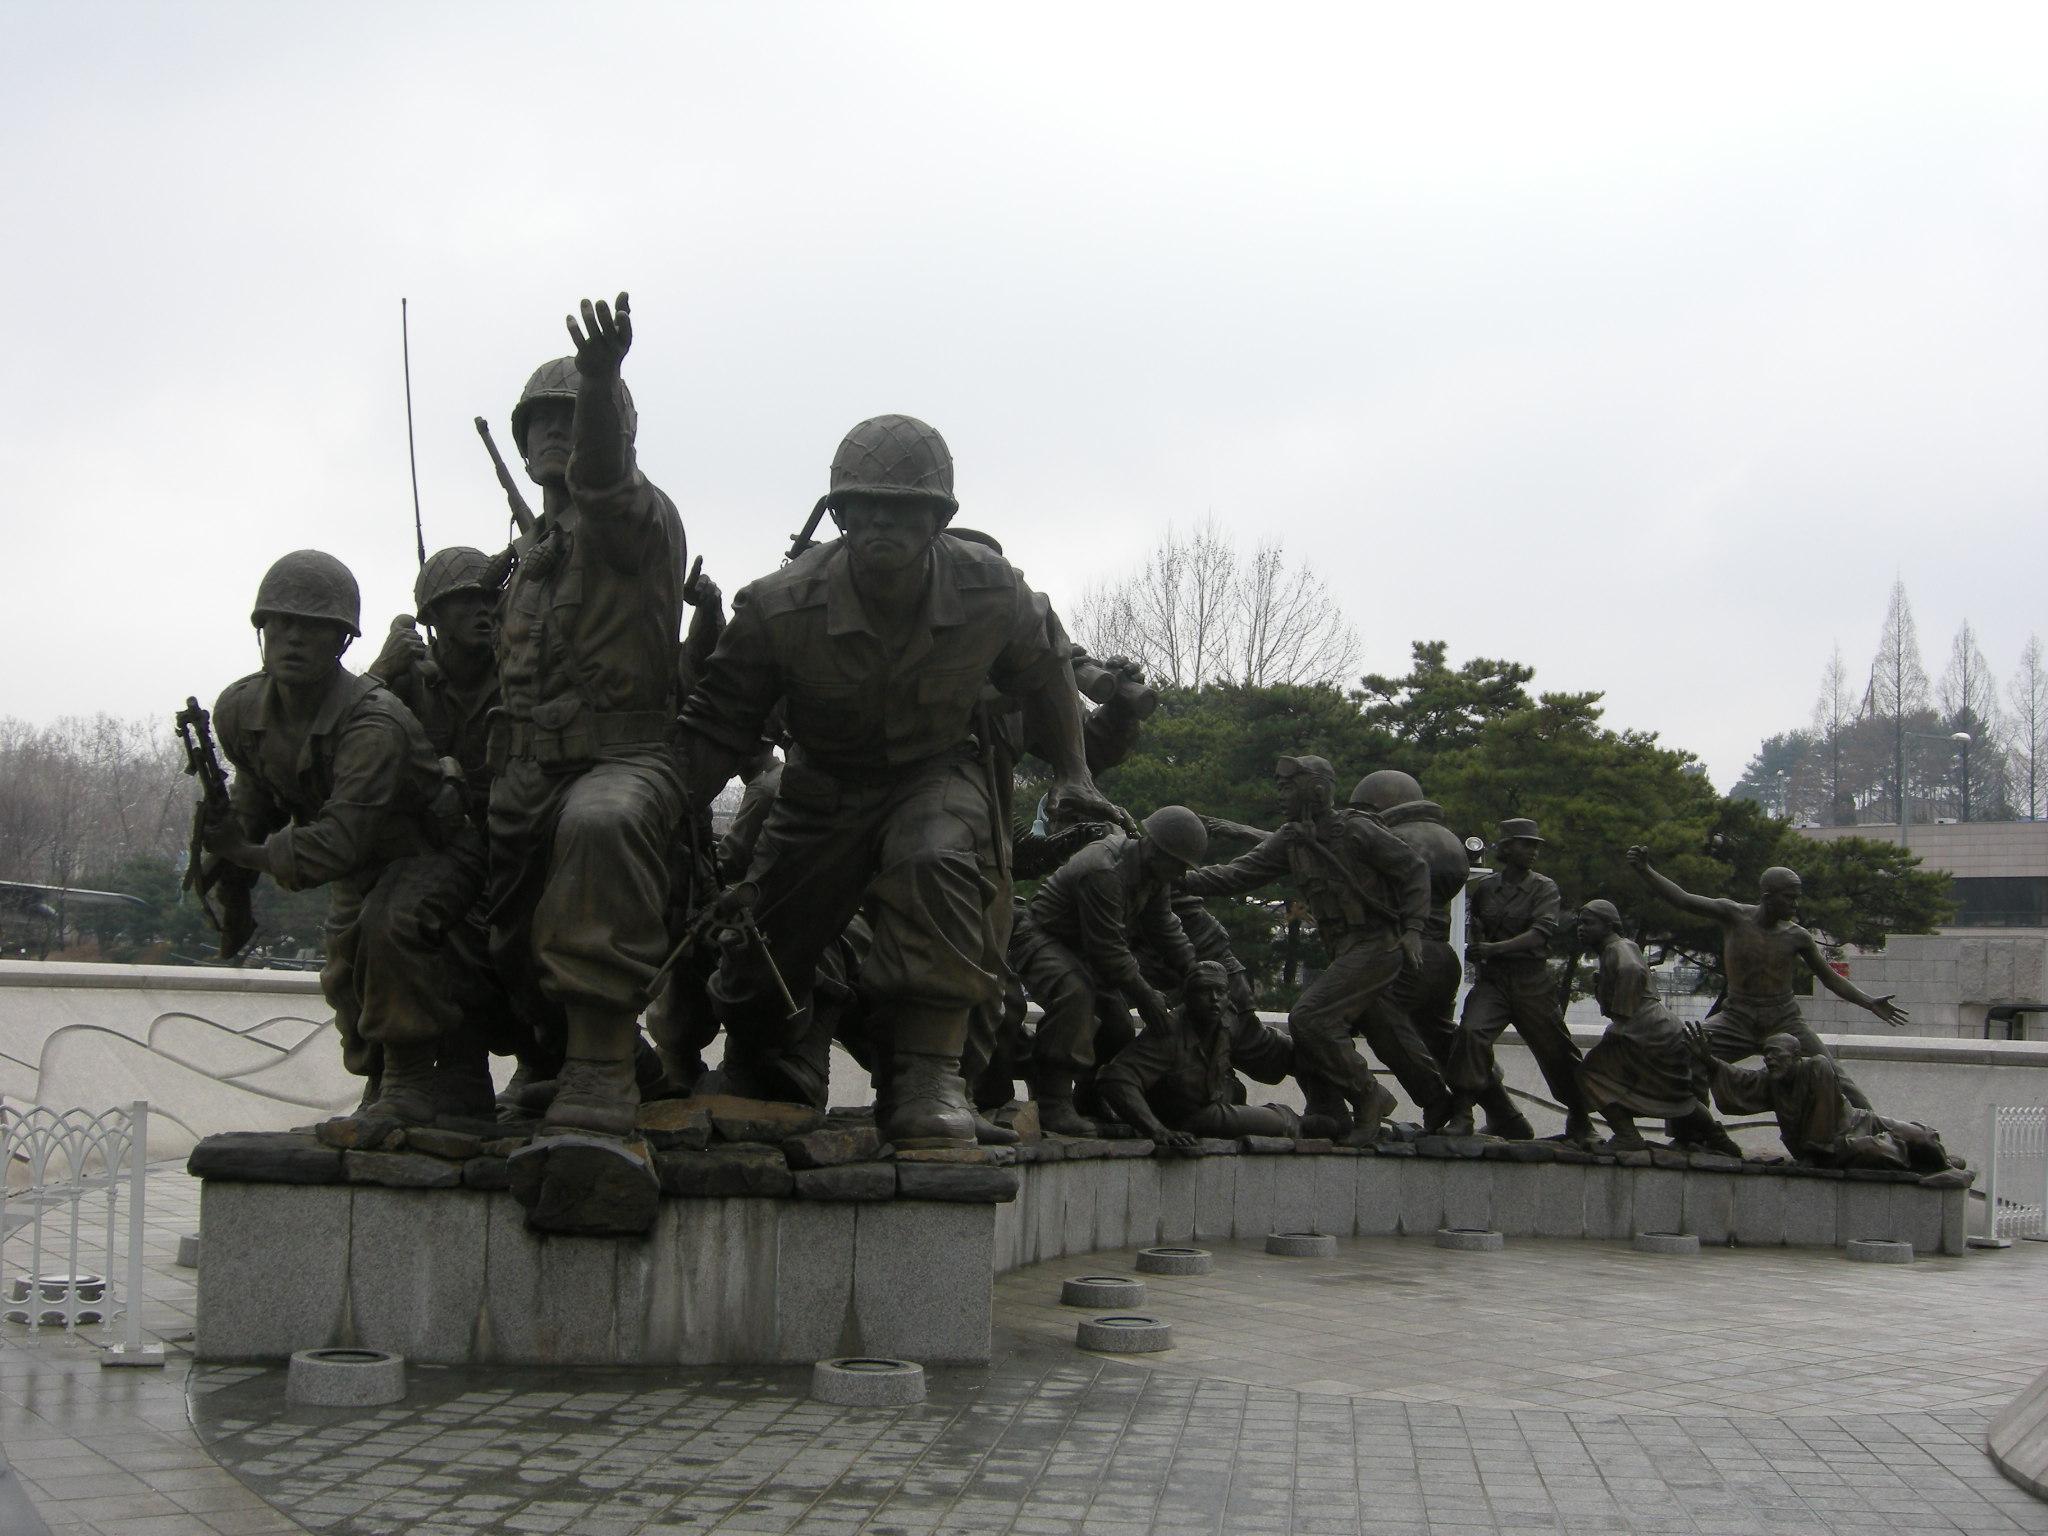 10 สถานที่ท่องเที่ยวสำคัญในเกาหลี-อนุสรณ์สถานสงครามเกาหลี